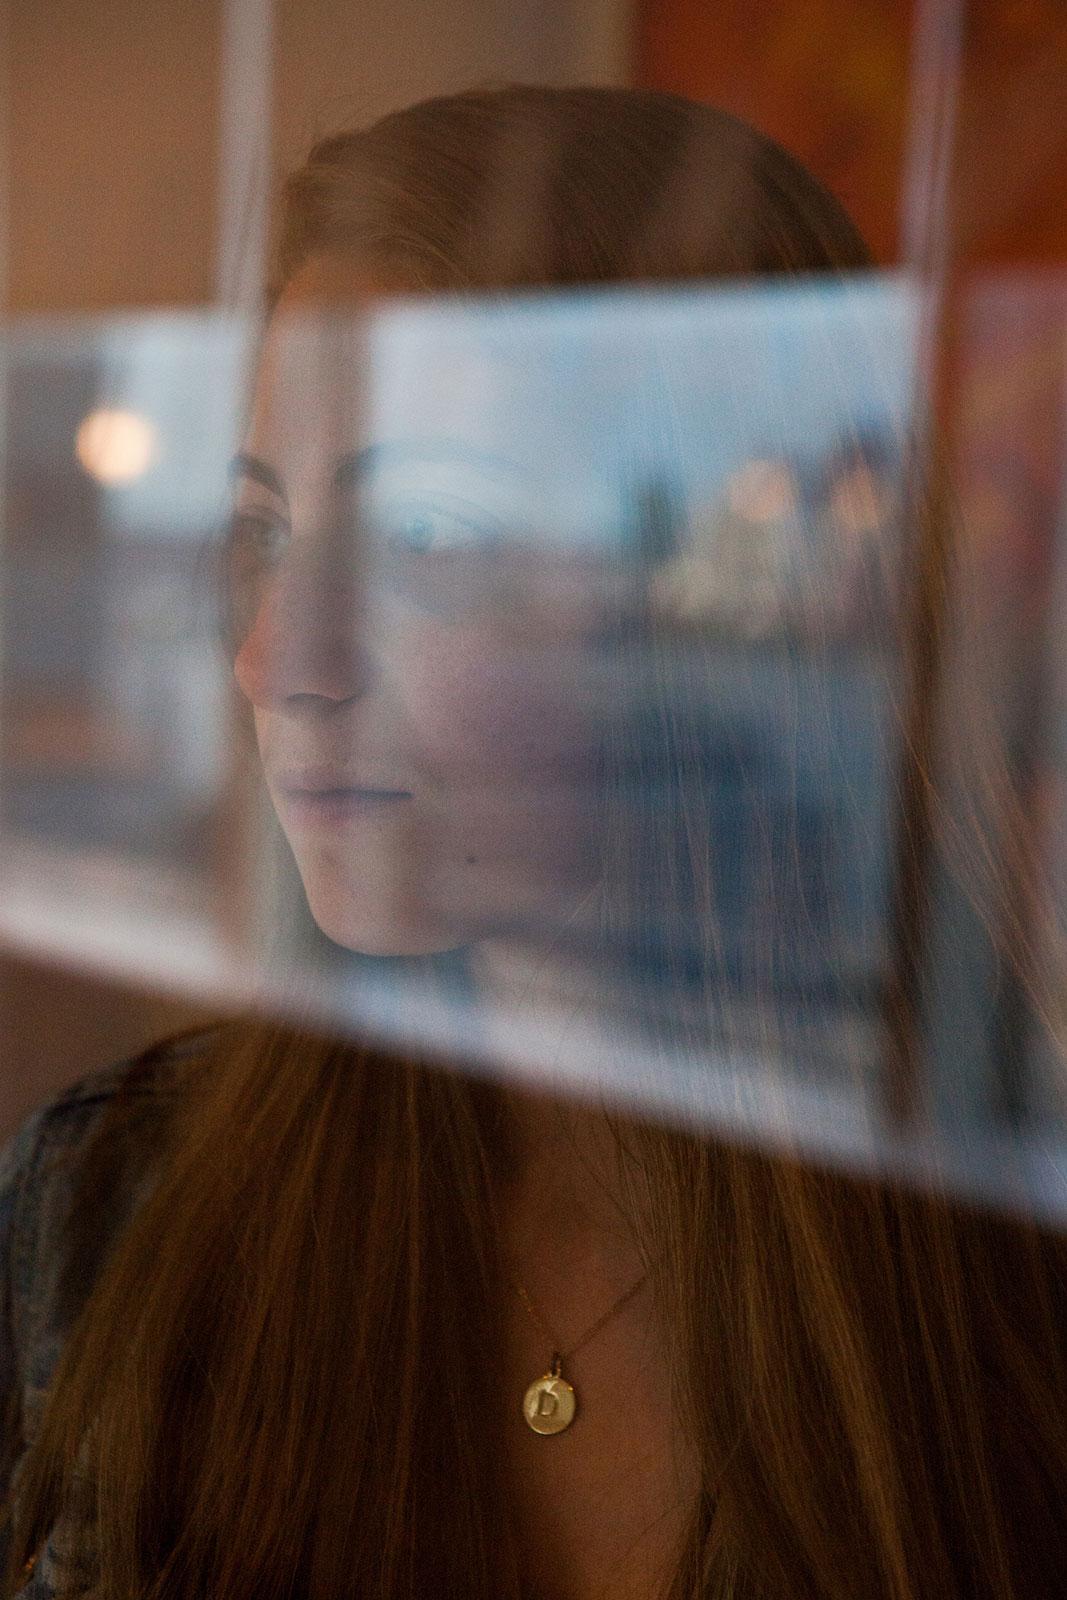 Danielle Mermelstein, member of the JPMorgan Chase Force for Good team